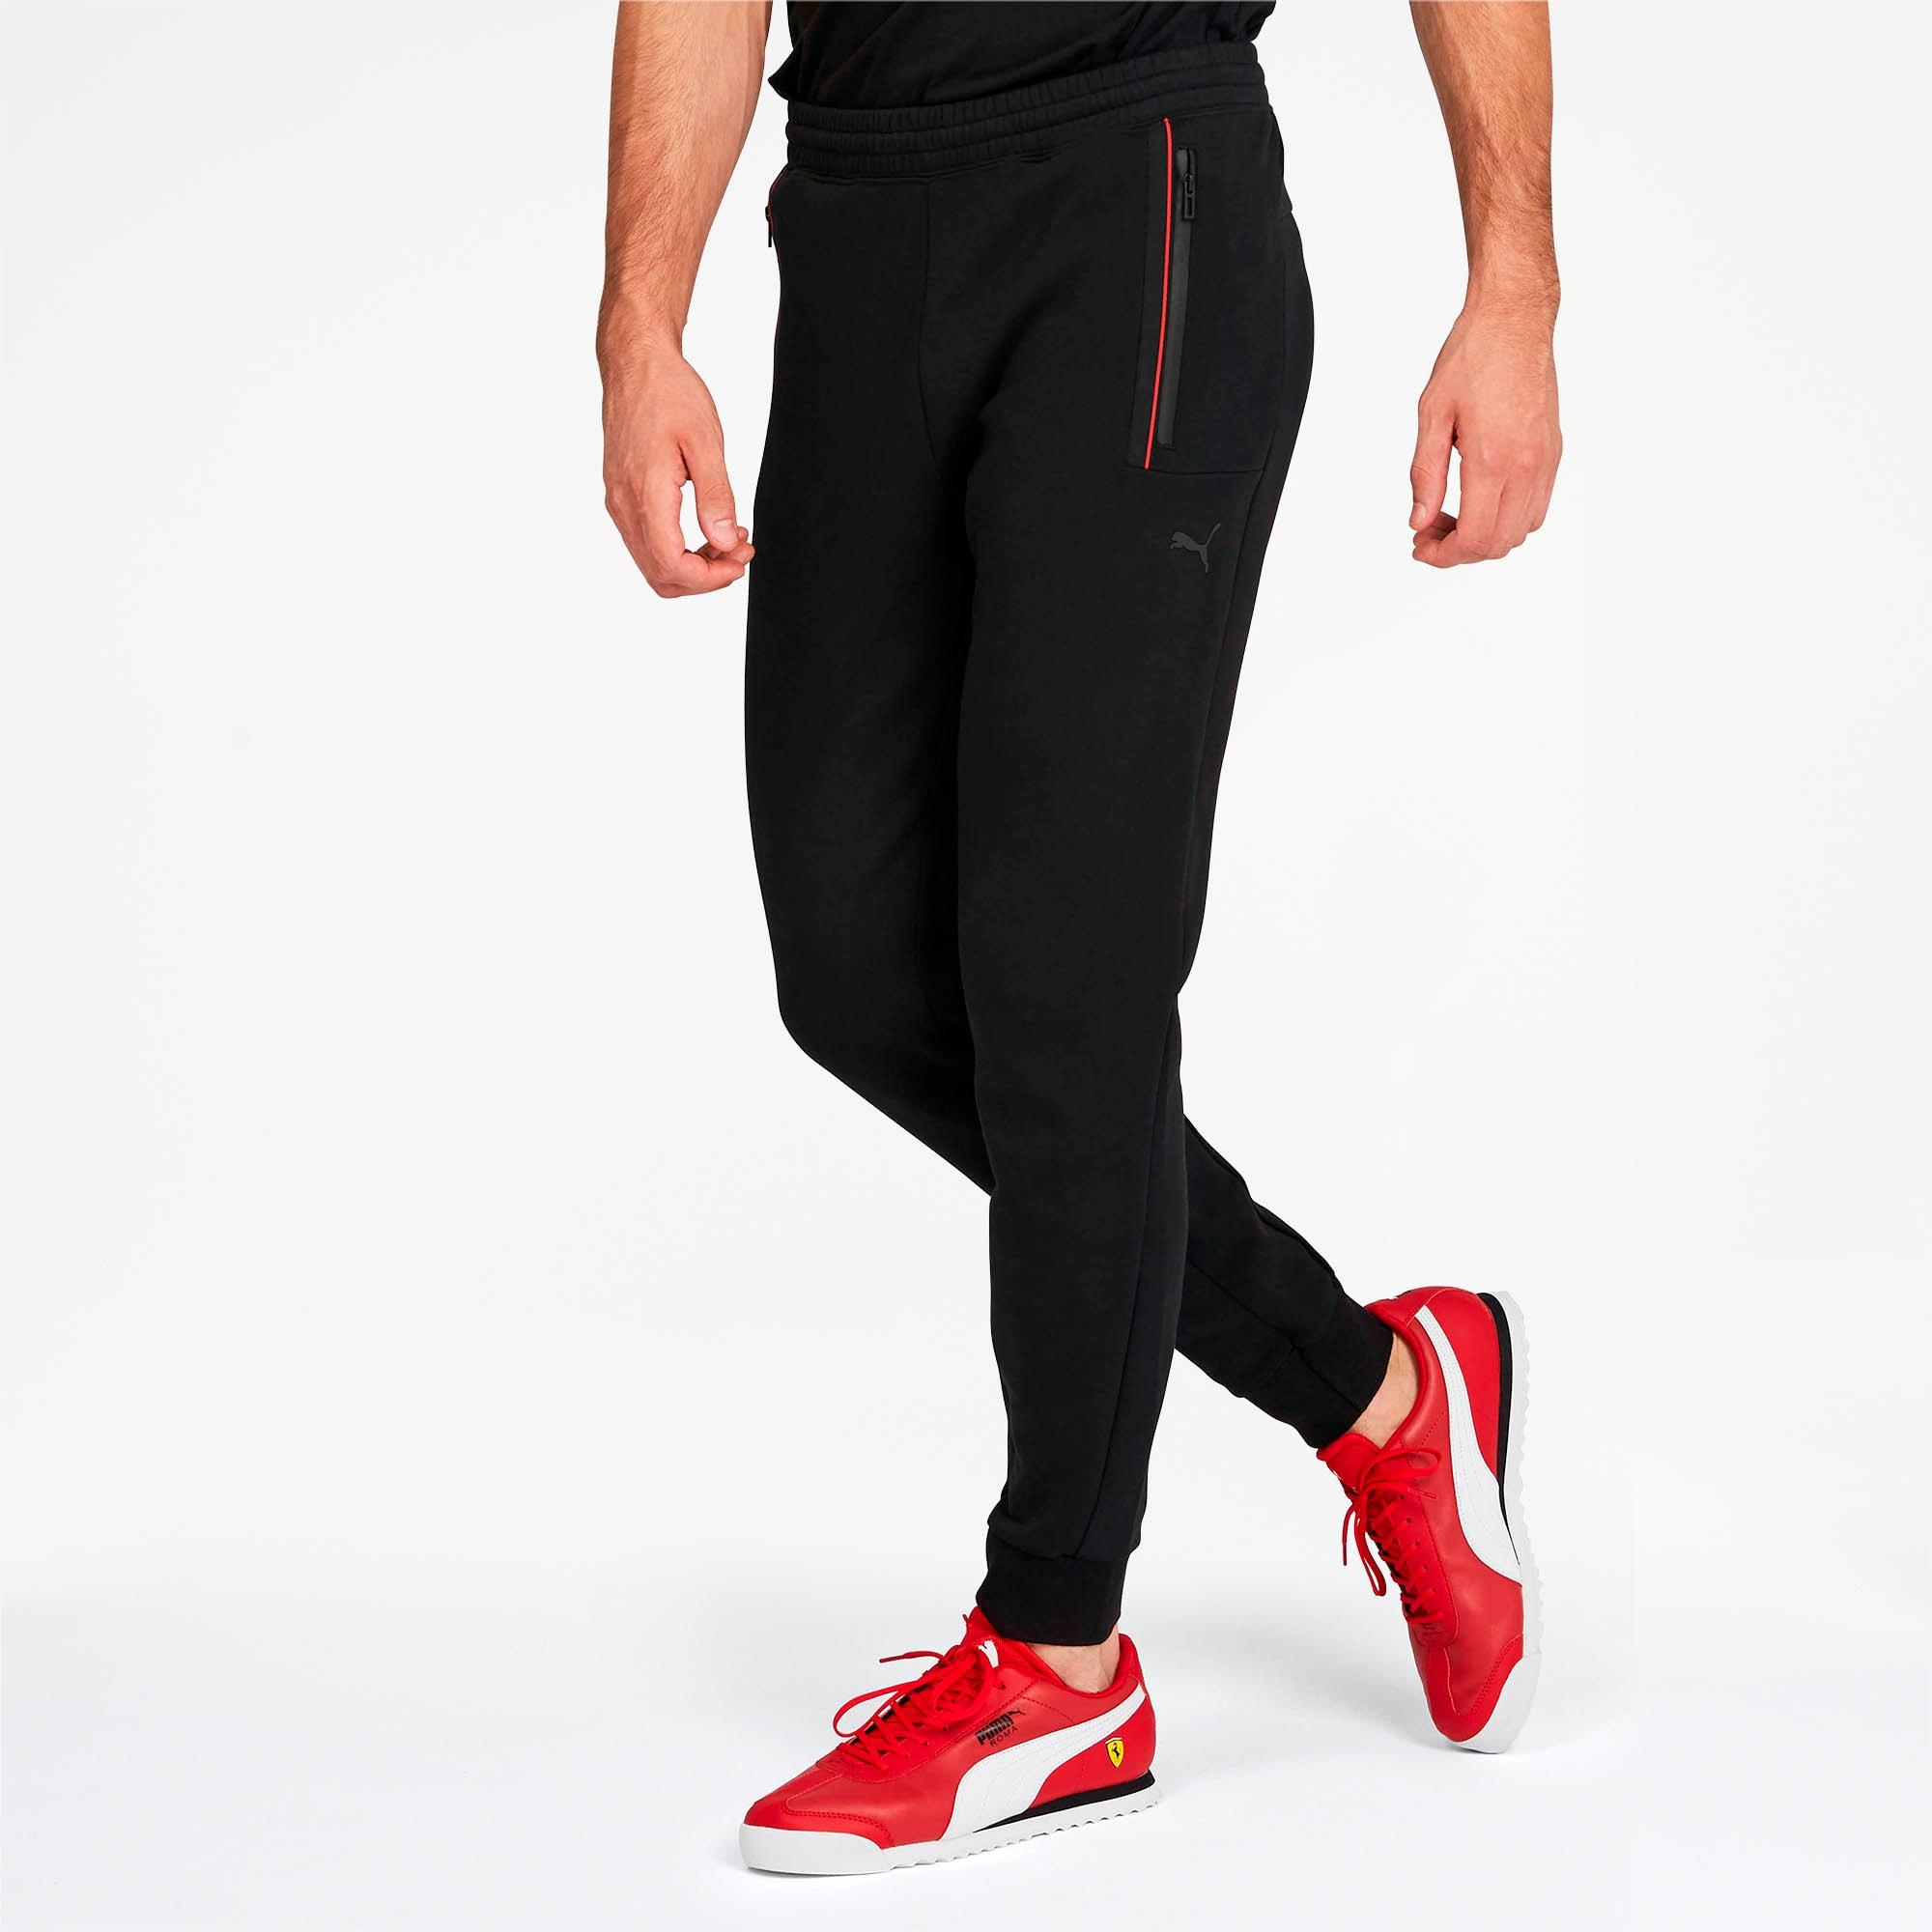 Pantalones Deportivos Ferrari Para Hombre Puma Ee Uu